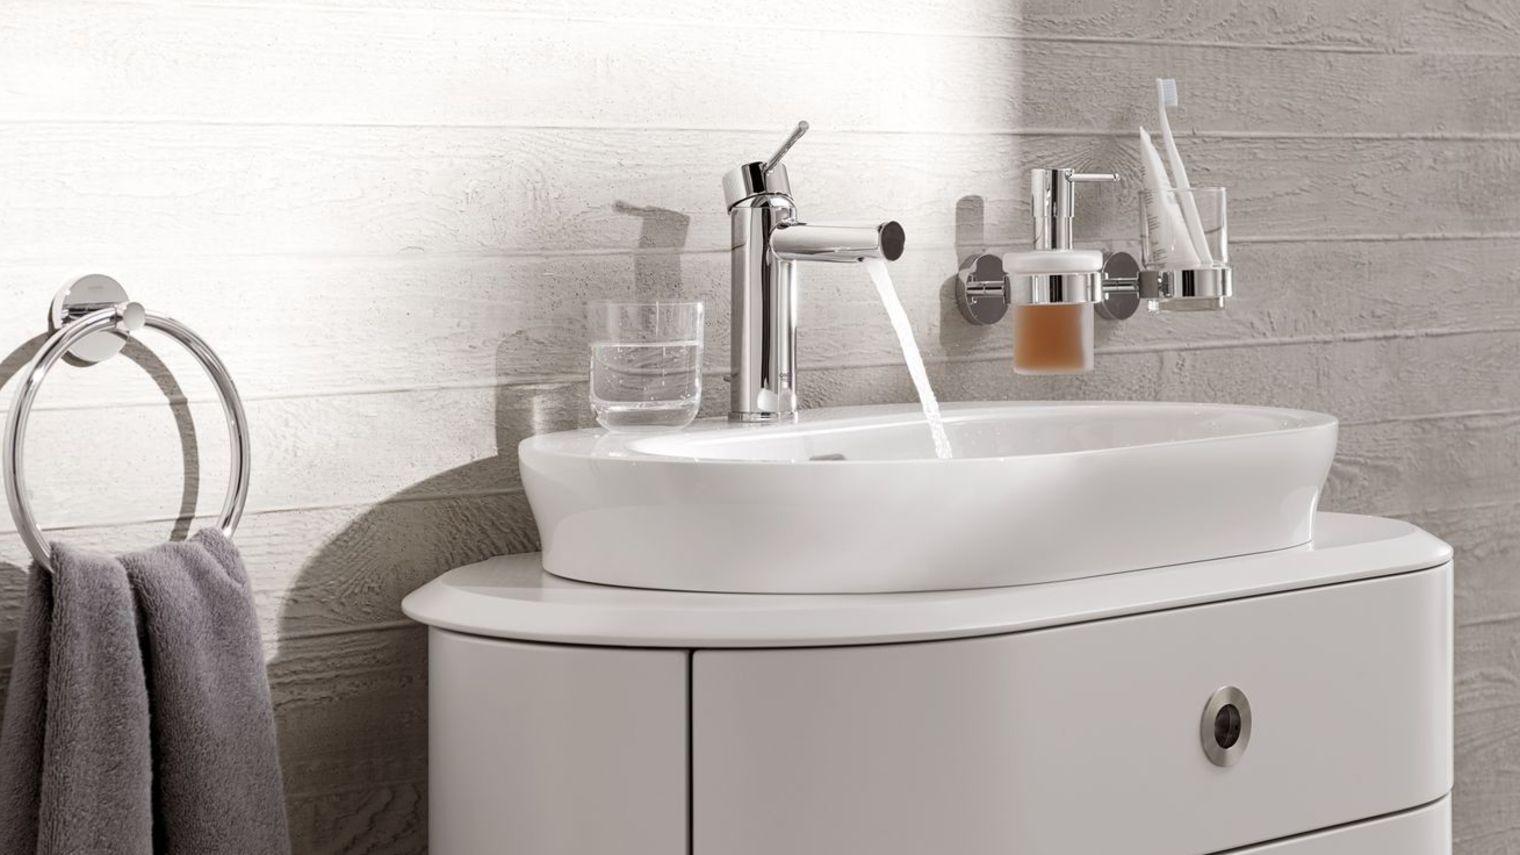 Changer sa salle de bain 10 trucs pour relooker sa salle for Changer carrelage salle de bain